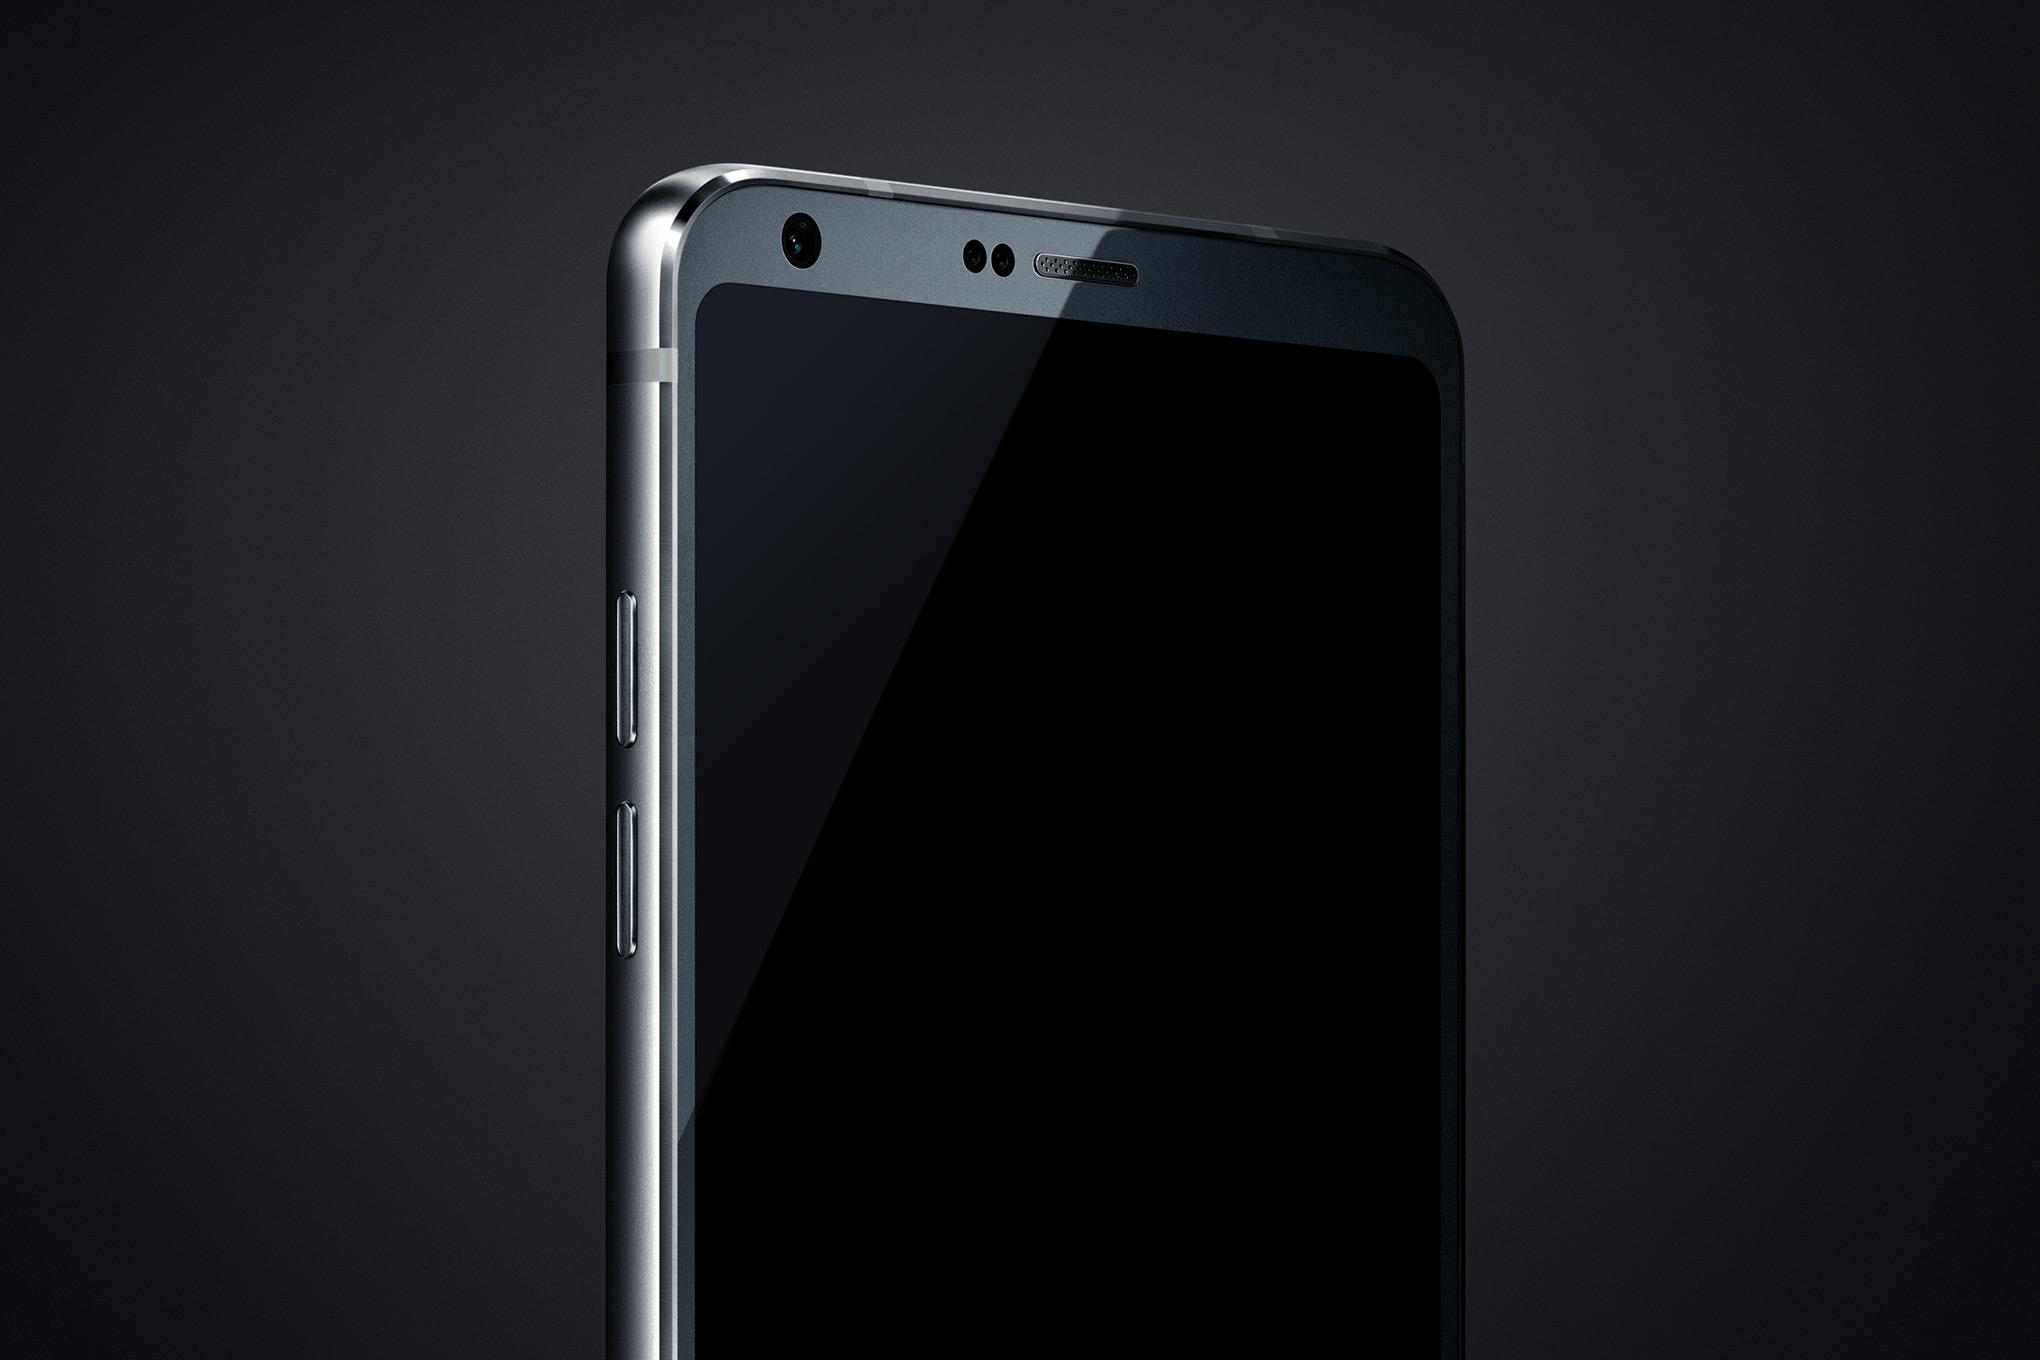 LG G6 Snapdragon 821 wasserdichte Eigenschaften und mehr durch internes Dokument bestätigt – GIGA